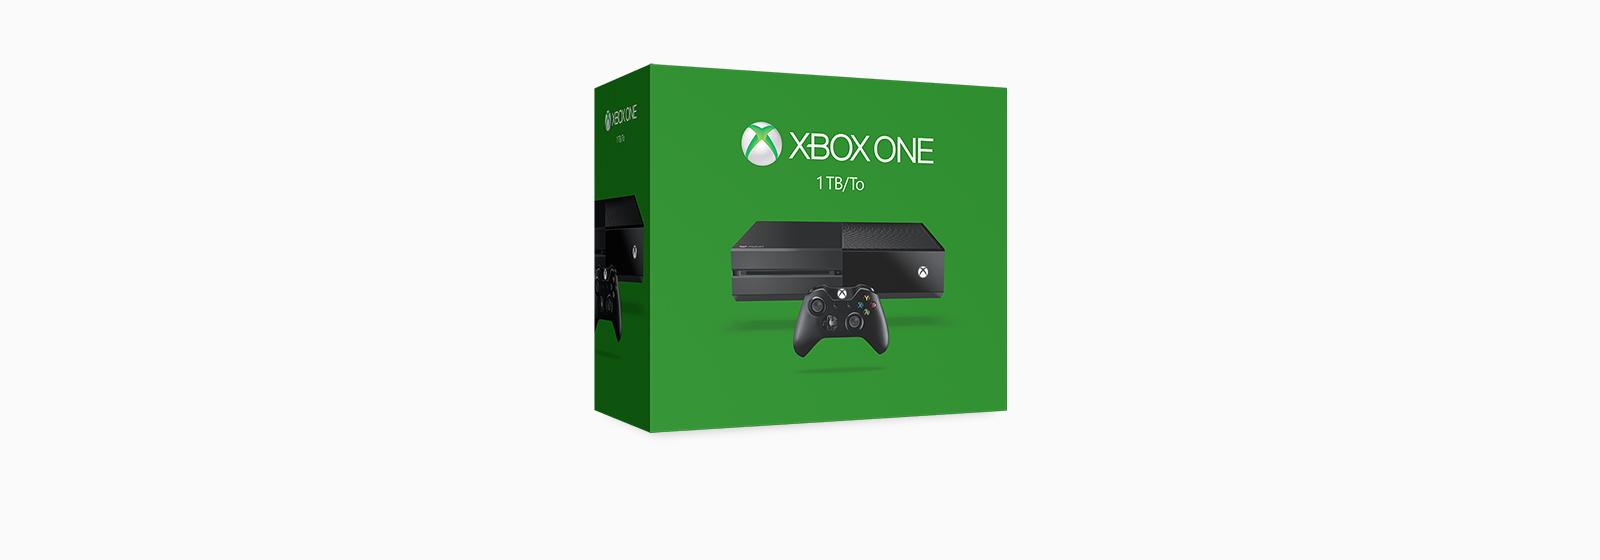 Erfahre mehr über die neue 1 TB Xbox Konsole.